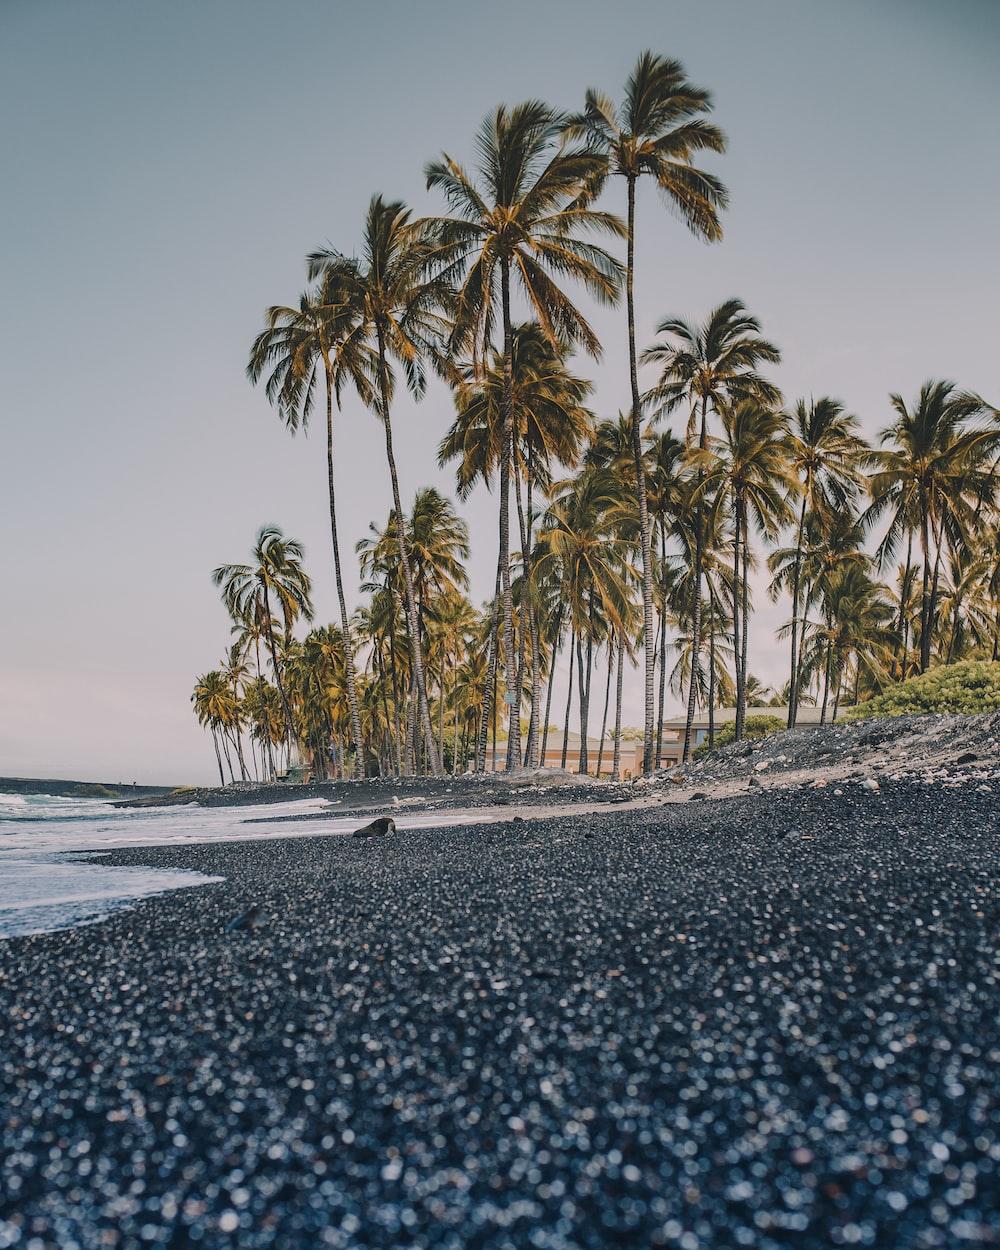 palm trees beside seashore